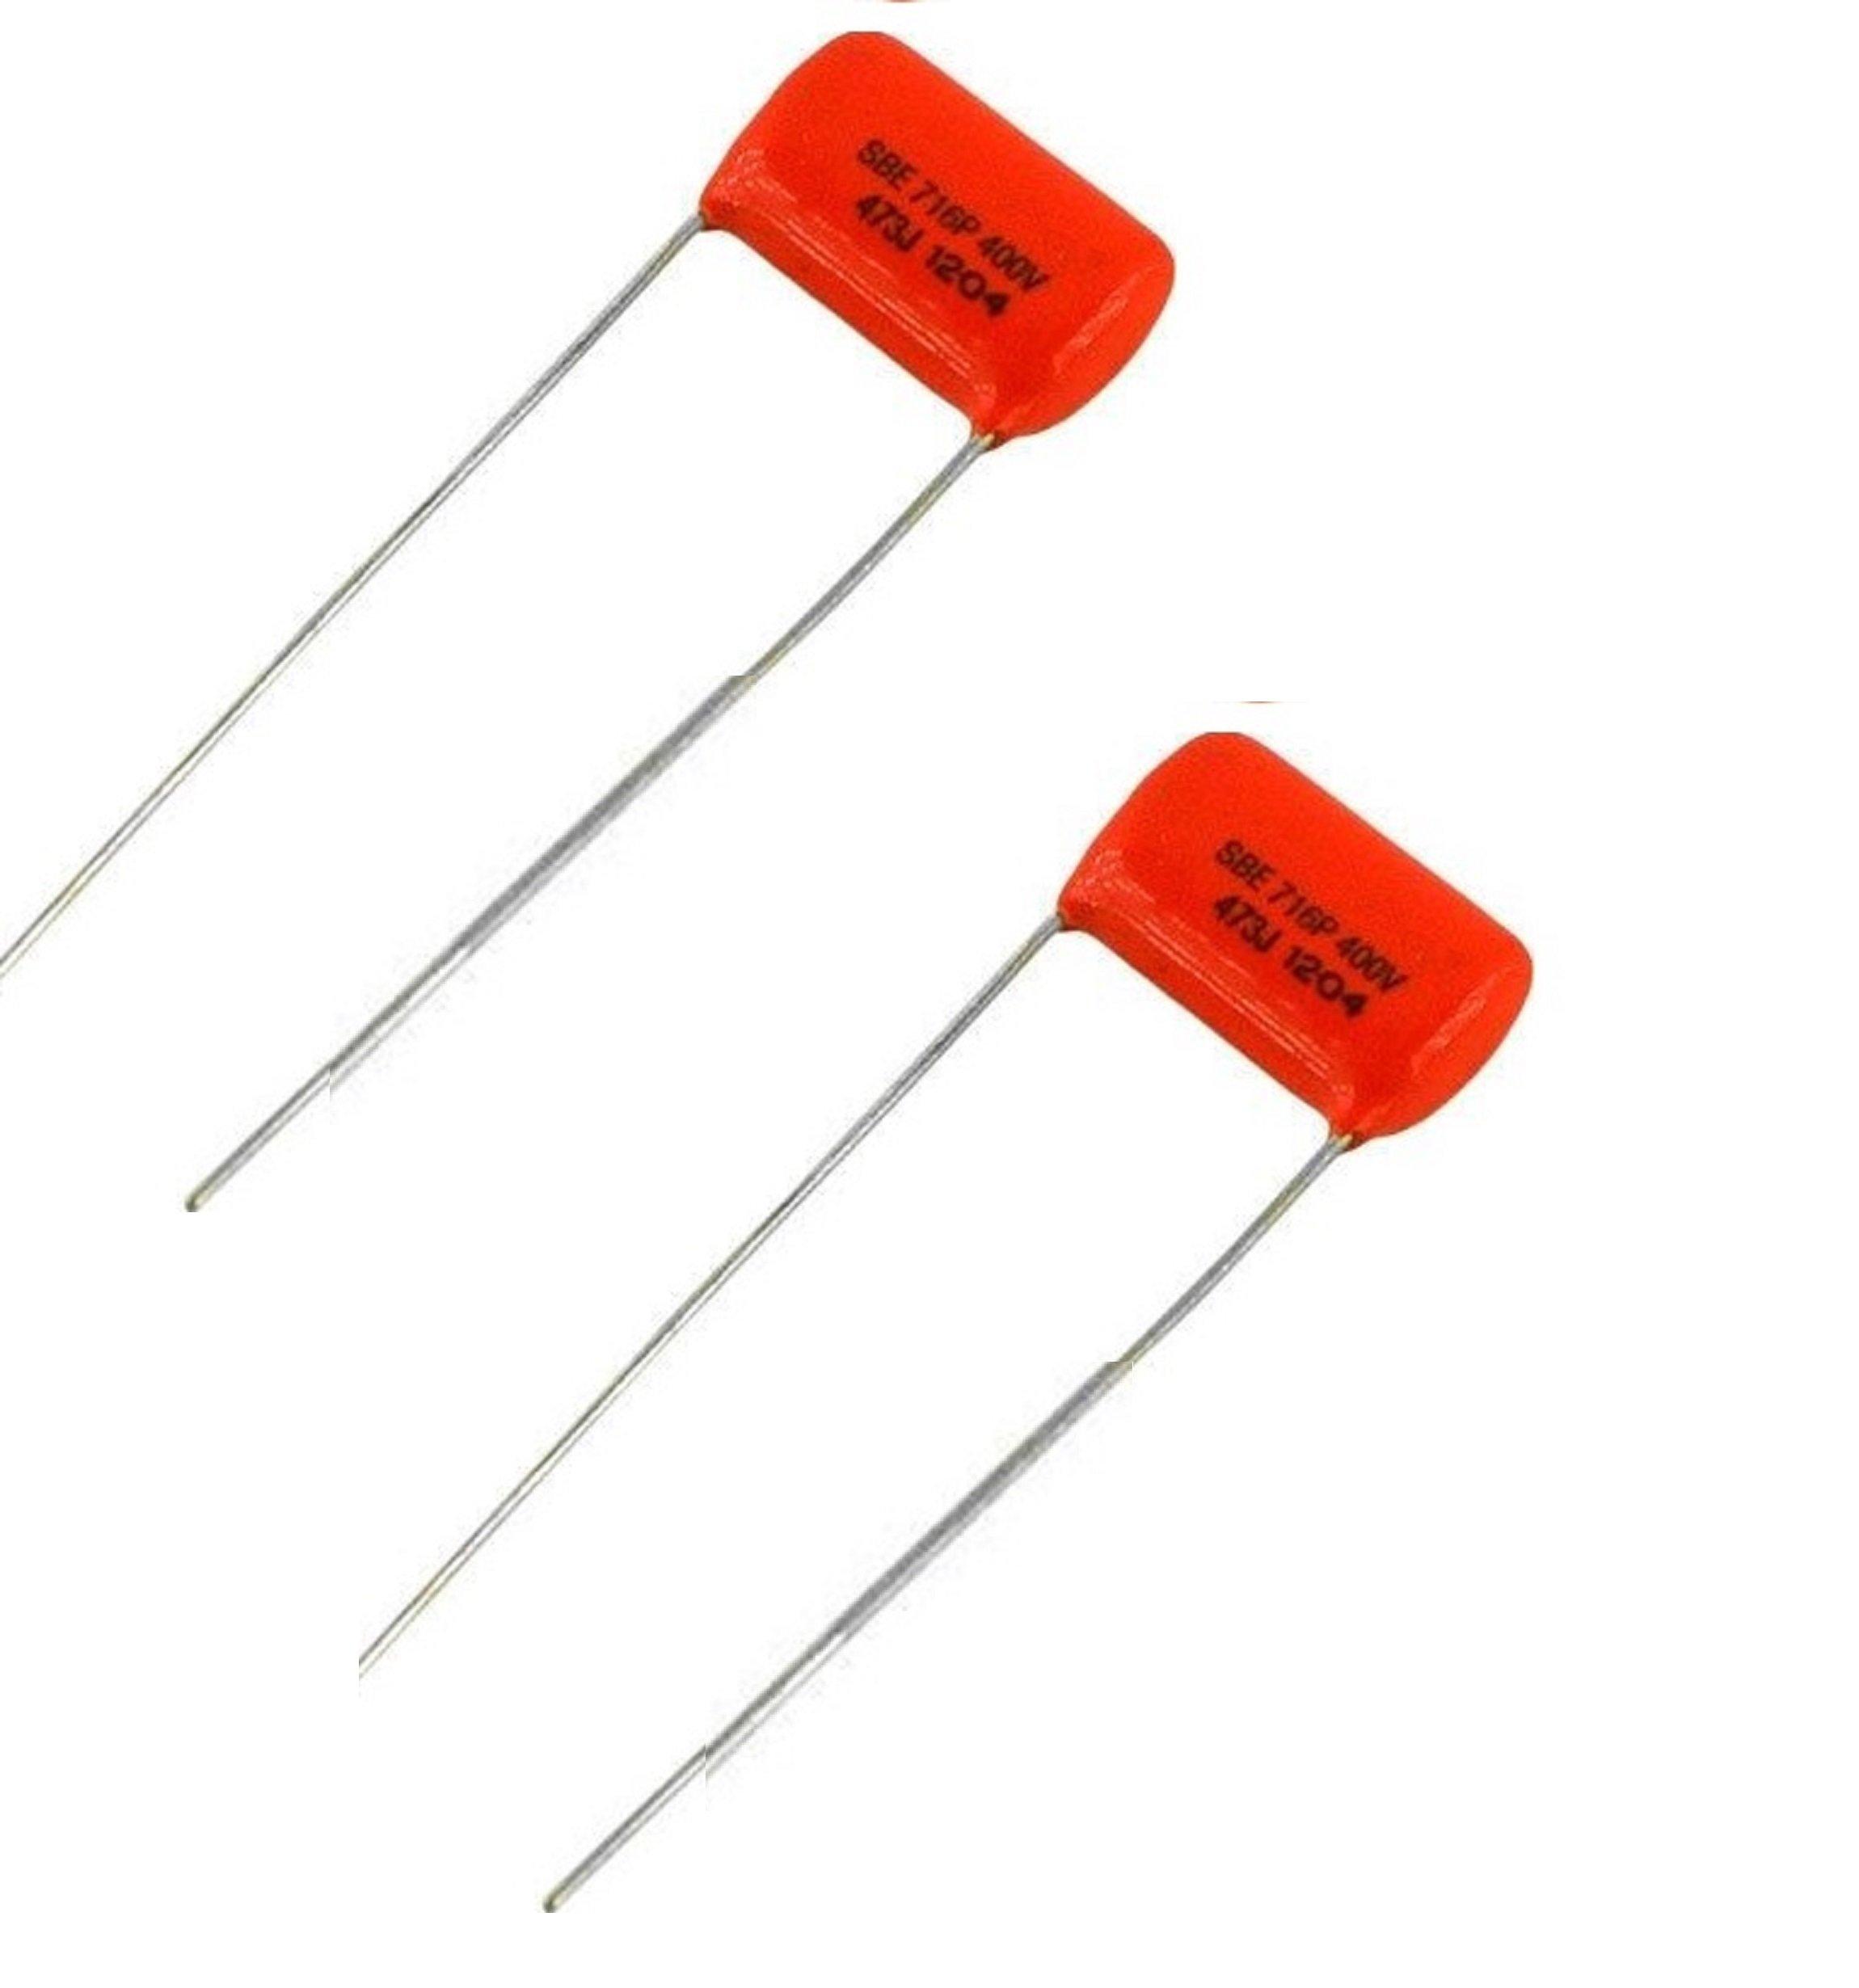 .047 uf, 400 Volt Orange Drop Film Capacitors - Pair (2X)